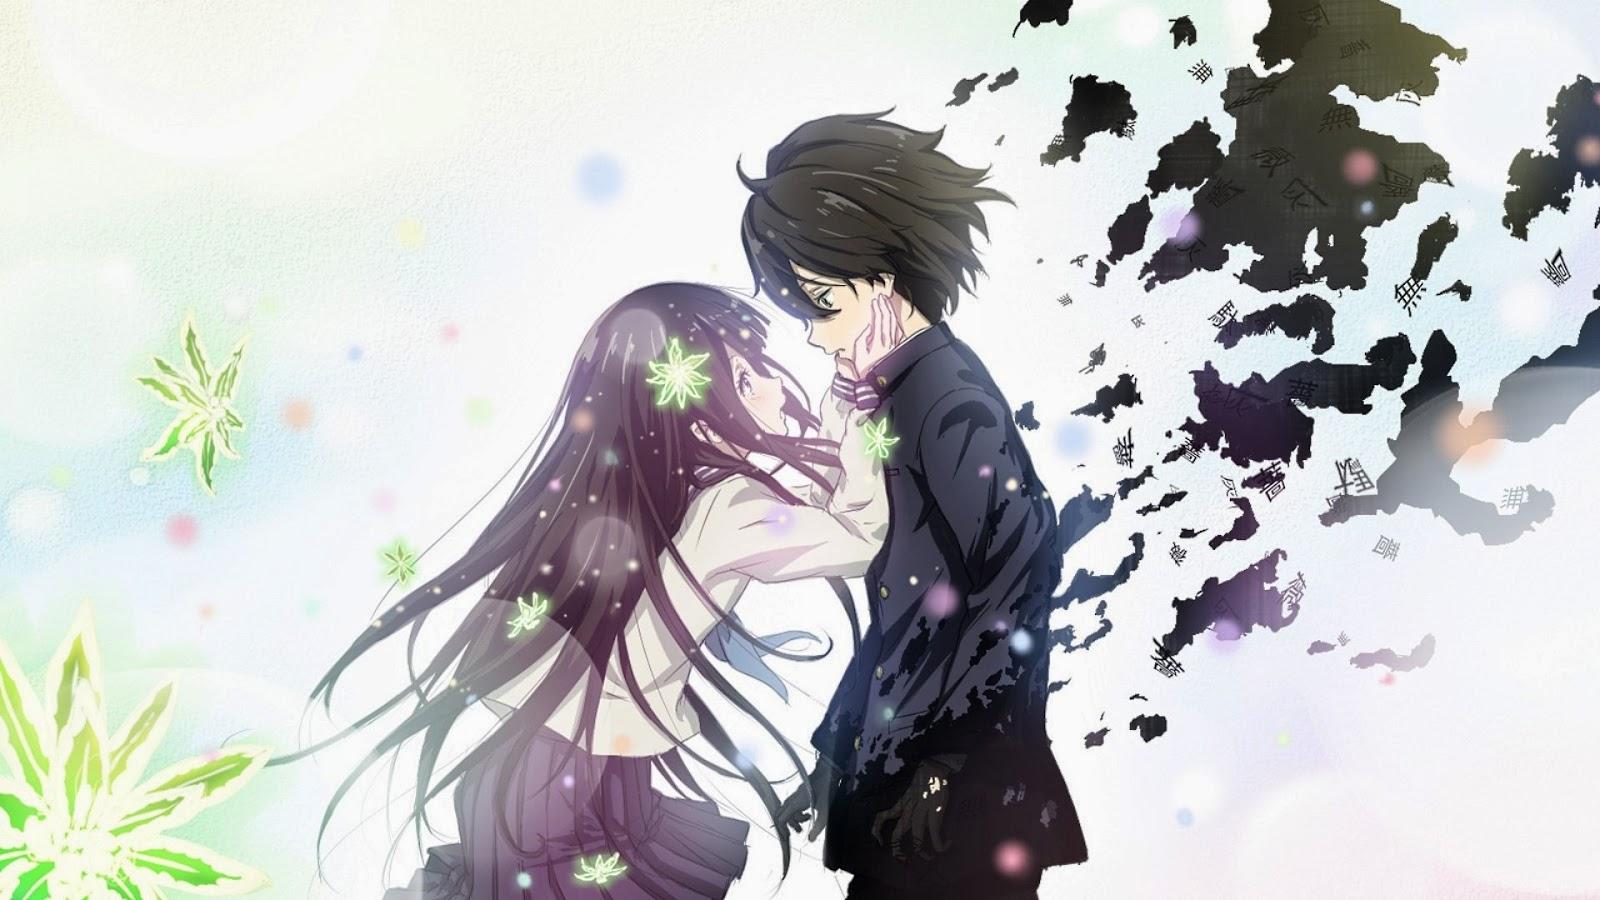 Ảnh Anime khóc, buồn đẹp nhất